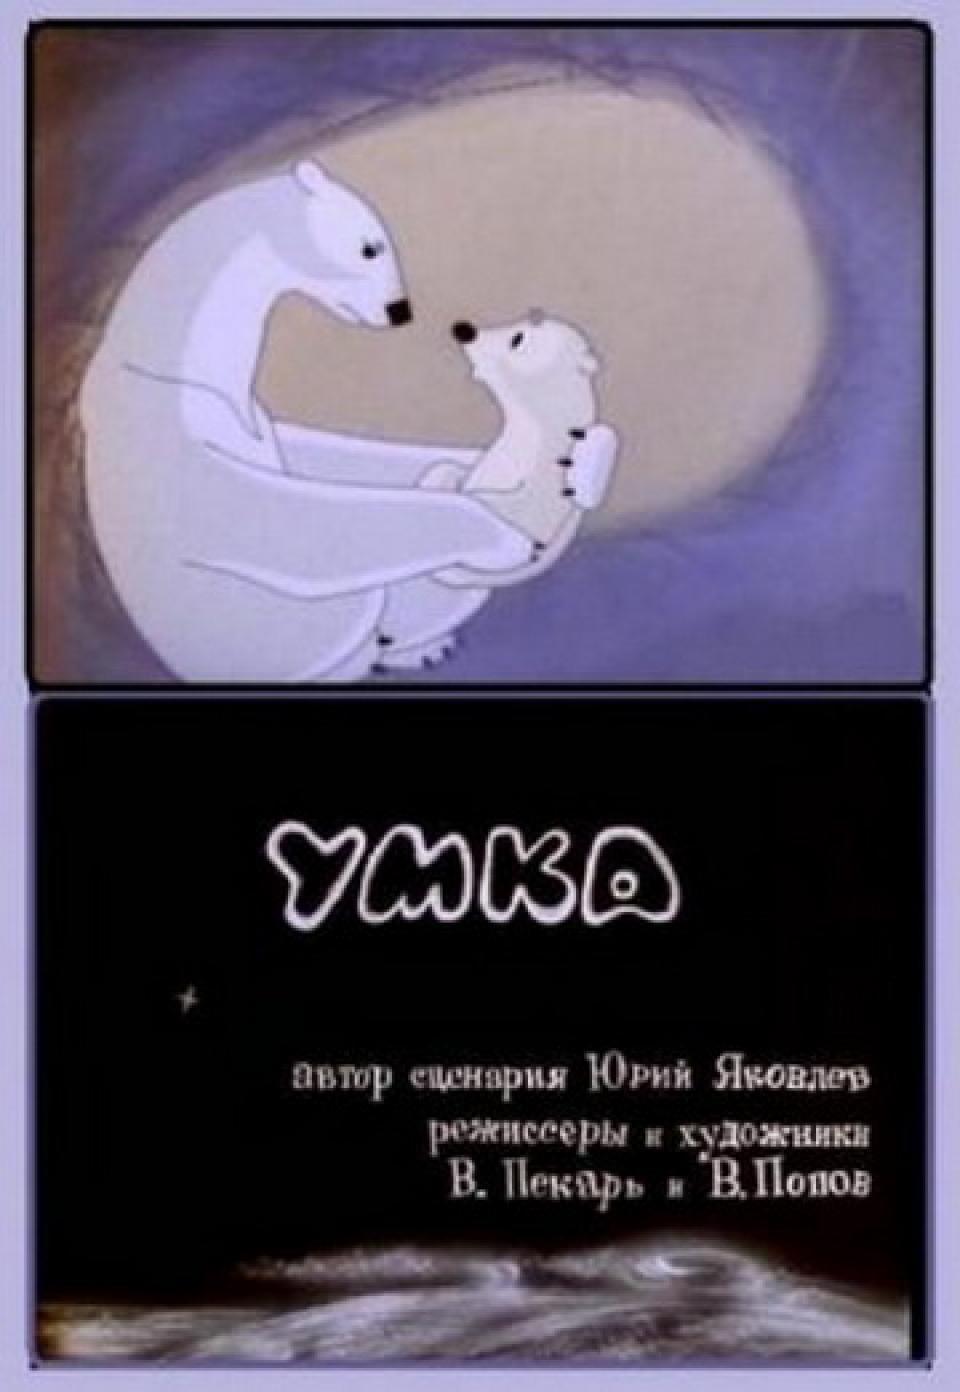 Умка (1969) У Вас тоже эта песня в голове заиграла?